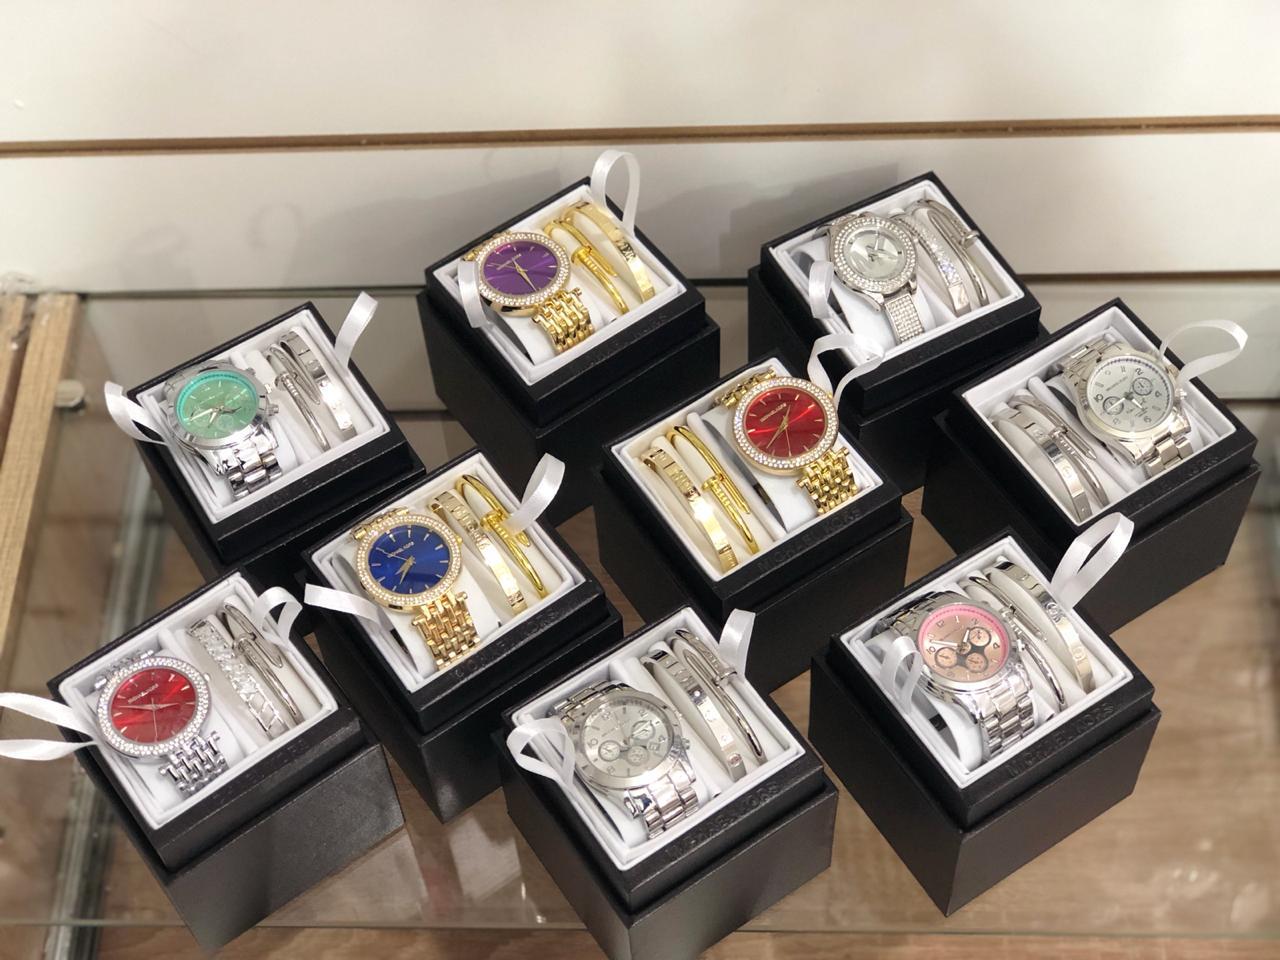 куплю оптом подарочные женские наборы часы браслеты, мужские часы, ремни мужские, портмоне. Ремни мужские 200 штук ARMANI, LACOSTE, PHILIPP/ ПОРТМОНЕ 200 штук ARMANI, LACOSTE, PHILIPP/ Часы ARMANI, LACOSTE, PHILIPP, можно и другие / Женские наборы, MICHAEL KORS, ANNE KLEIN      ПИШИТЕ НА ВАЦАП 8908 3 222 666